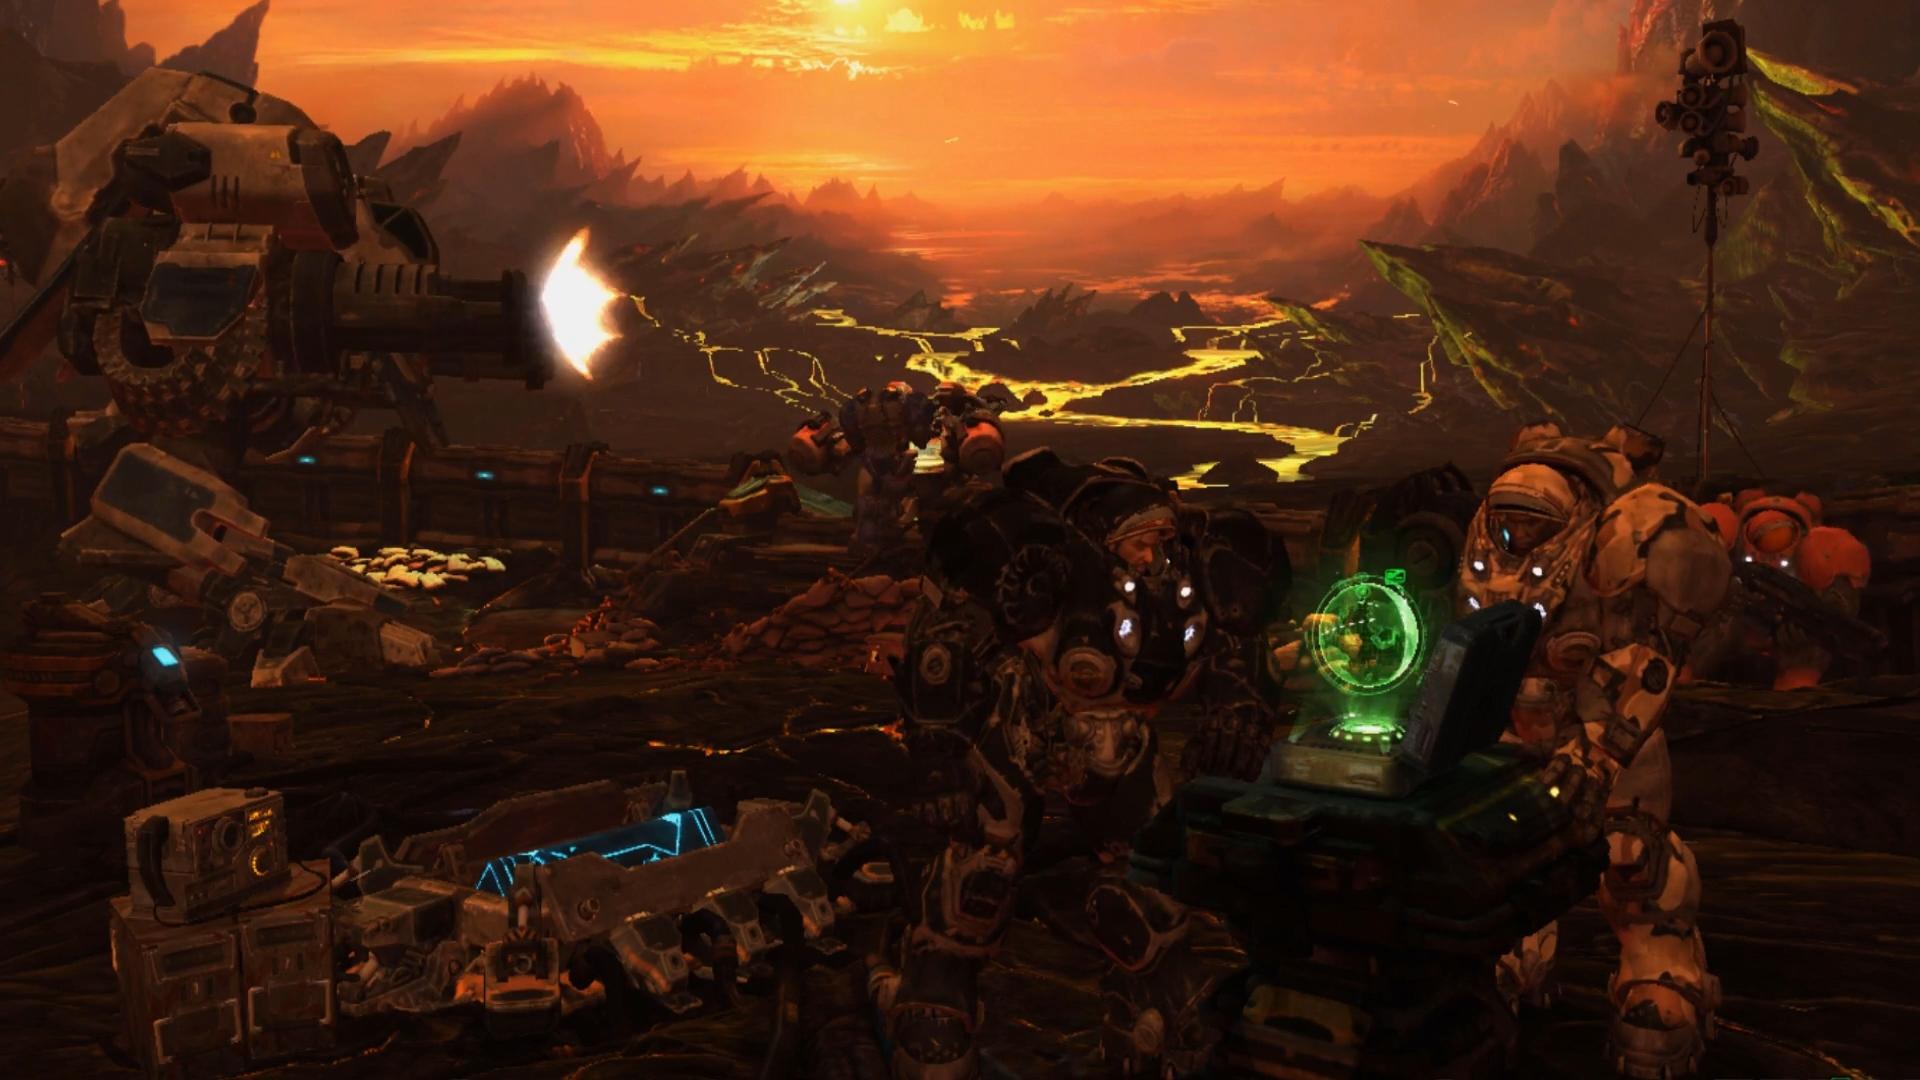 Жестокая Бойня Warhammer 40,000 - живые обои